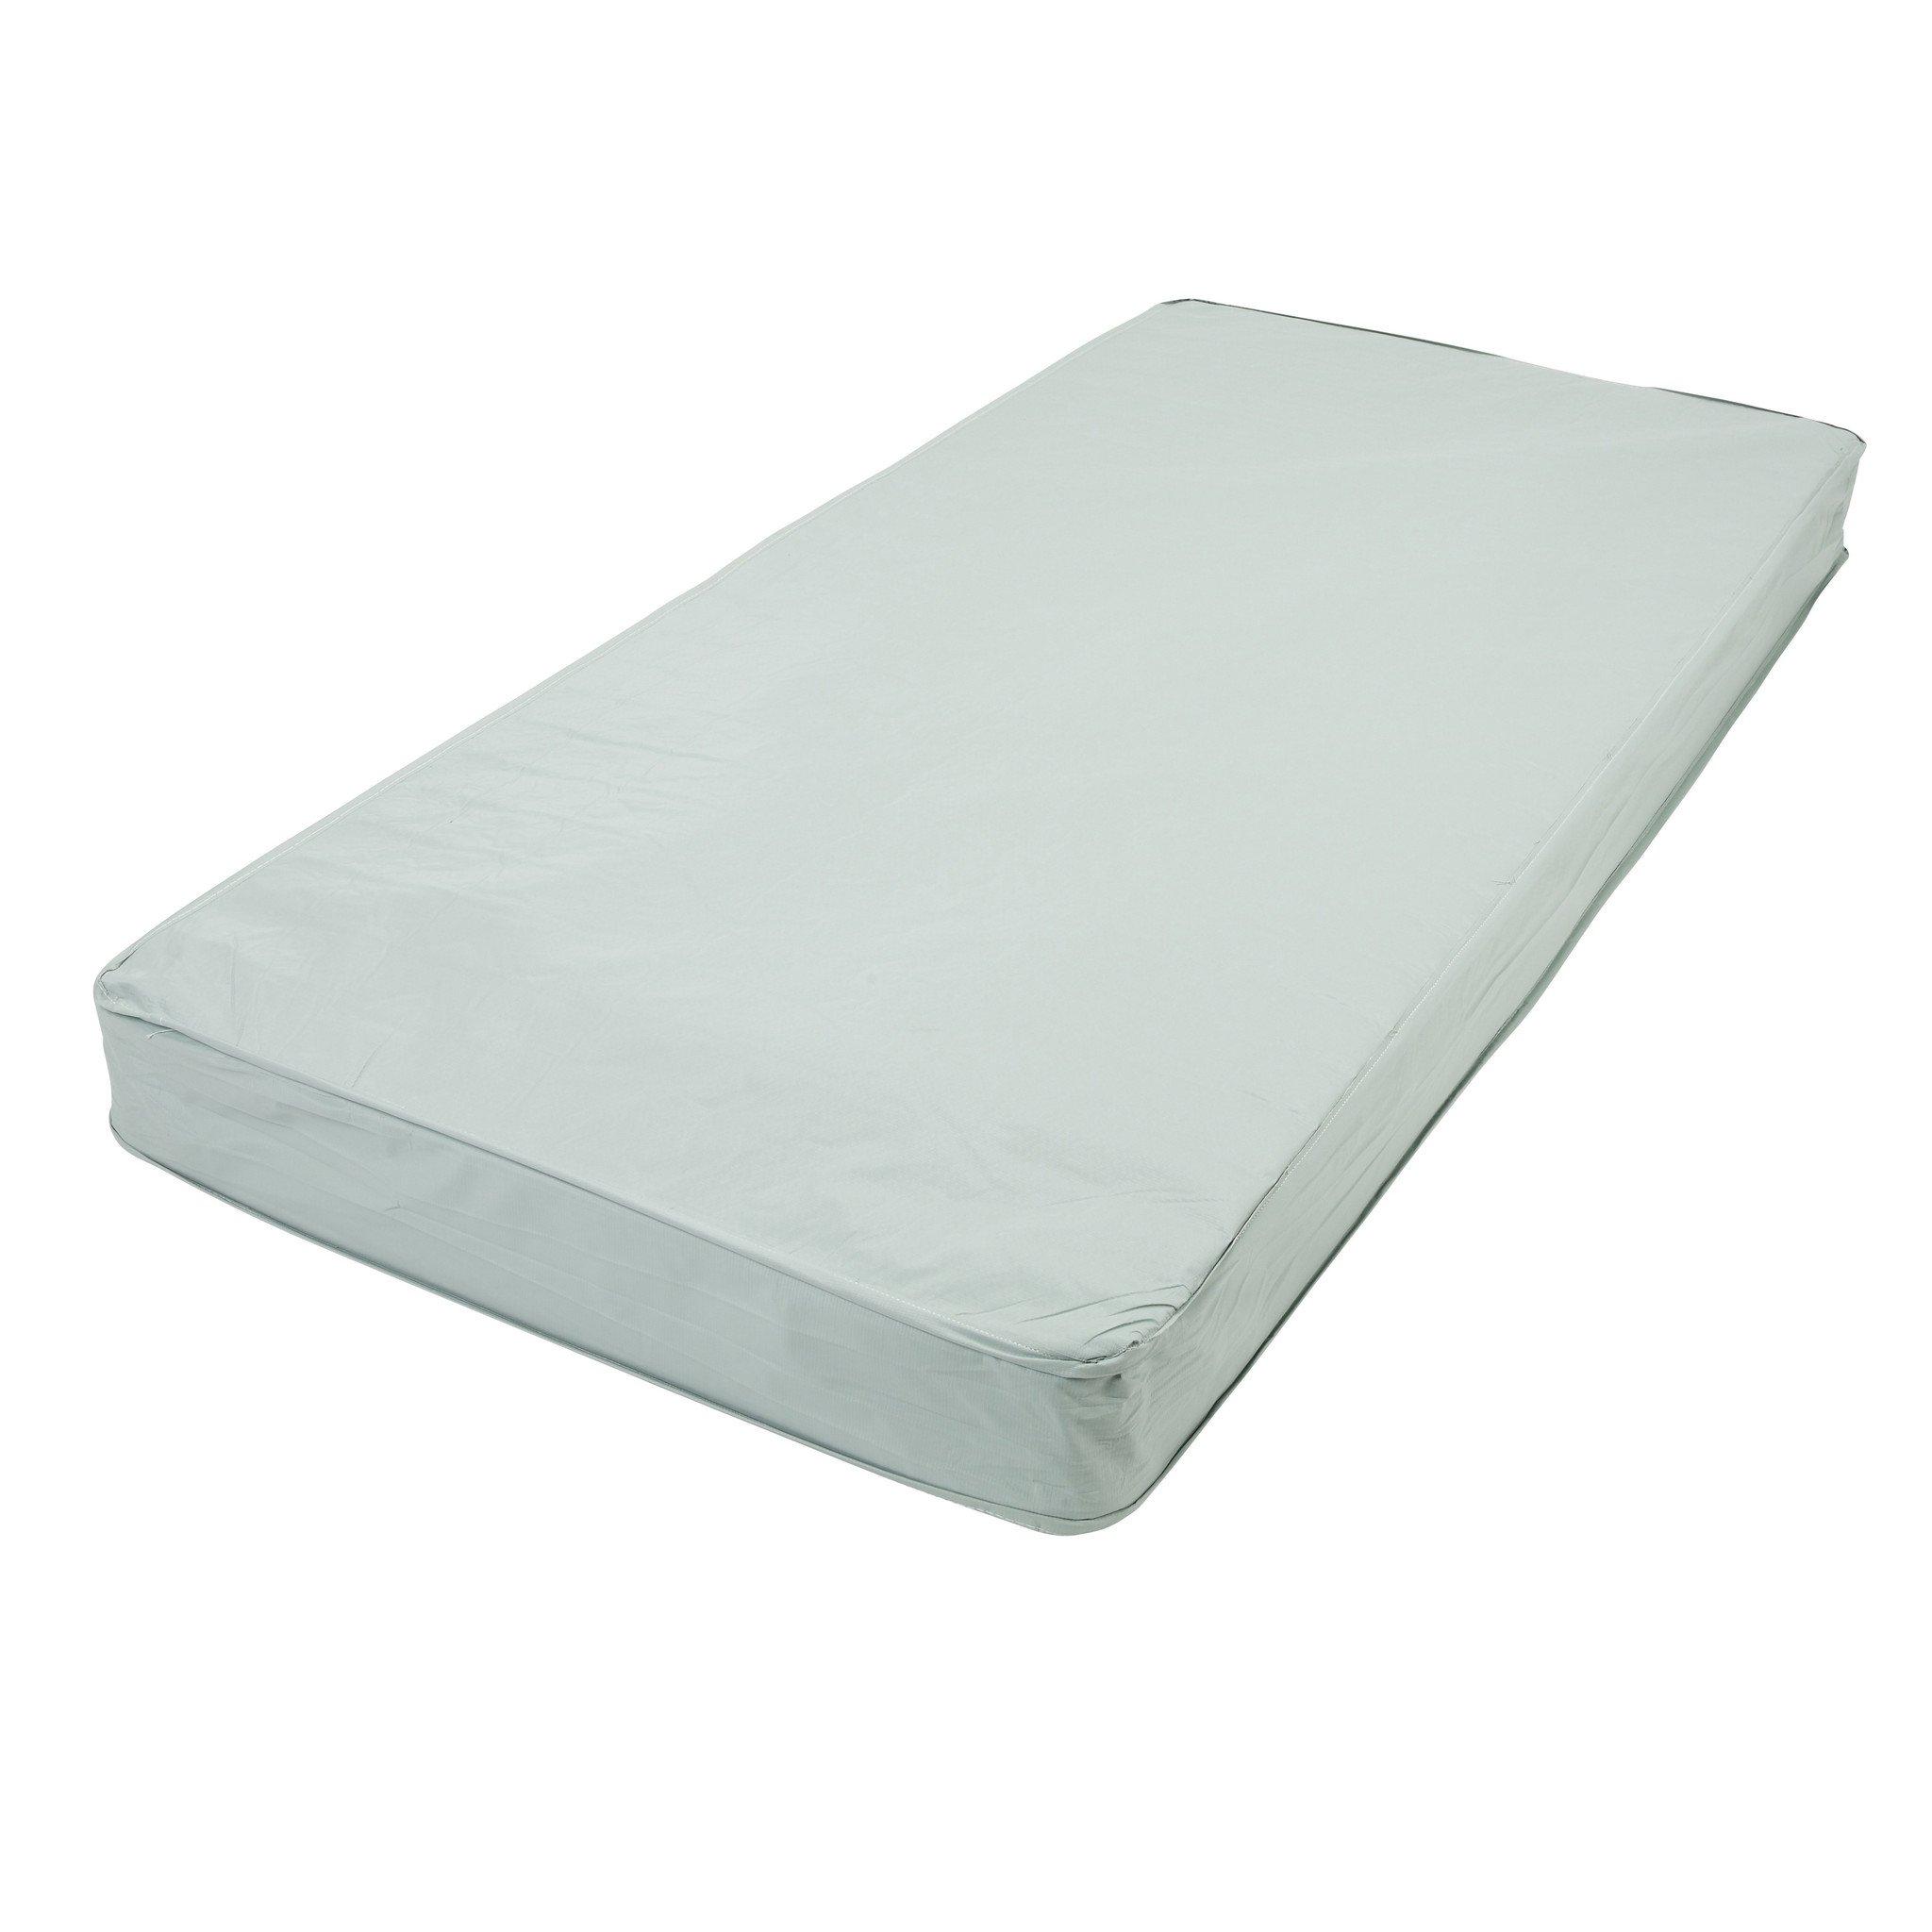 Firm Support Innerspring Hospital Bed Mattress – DOC Development